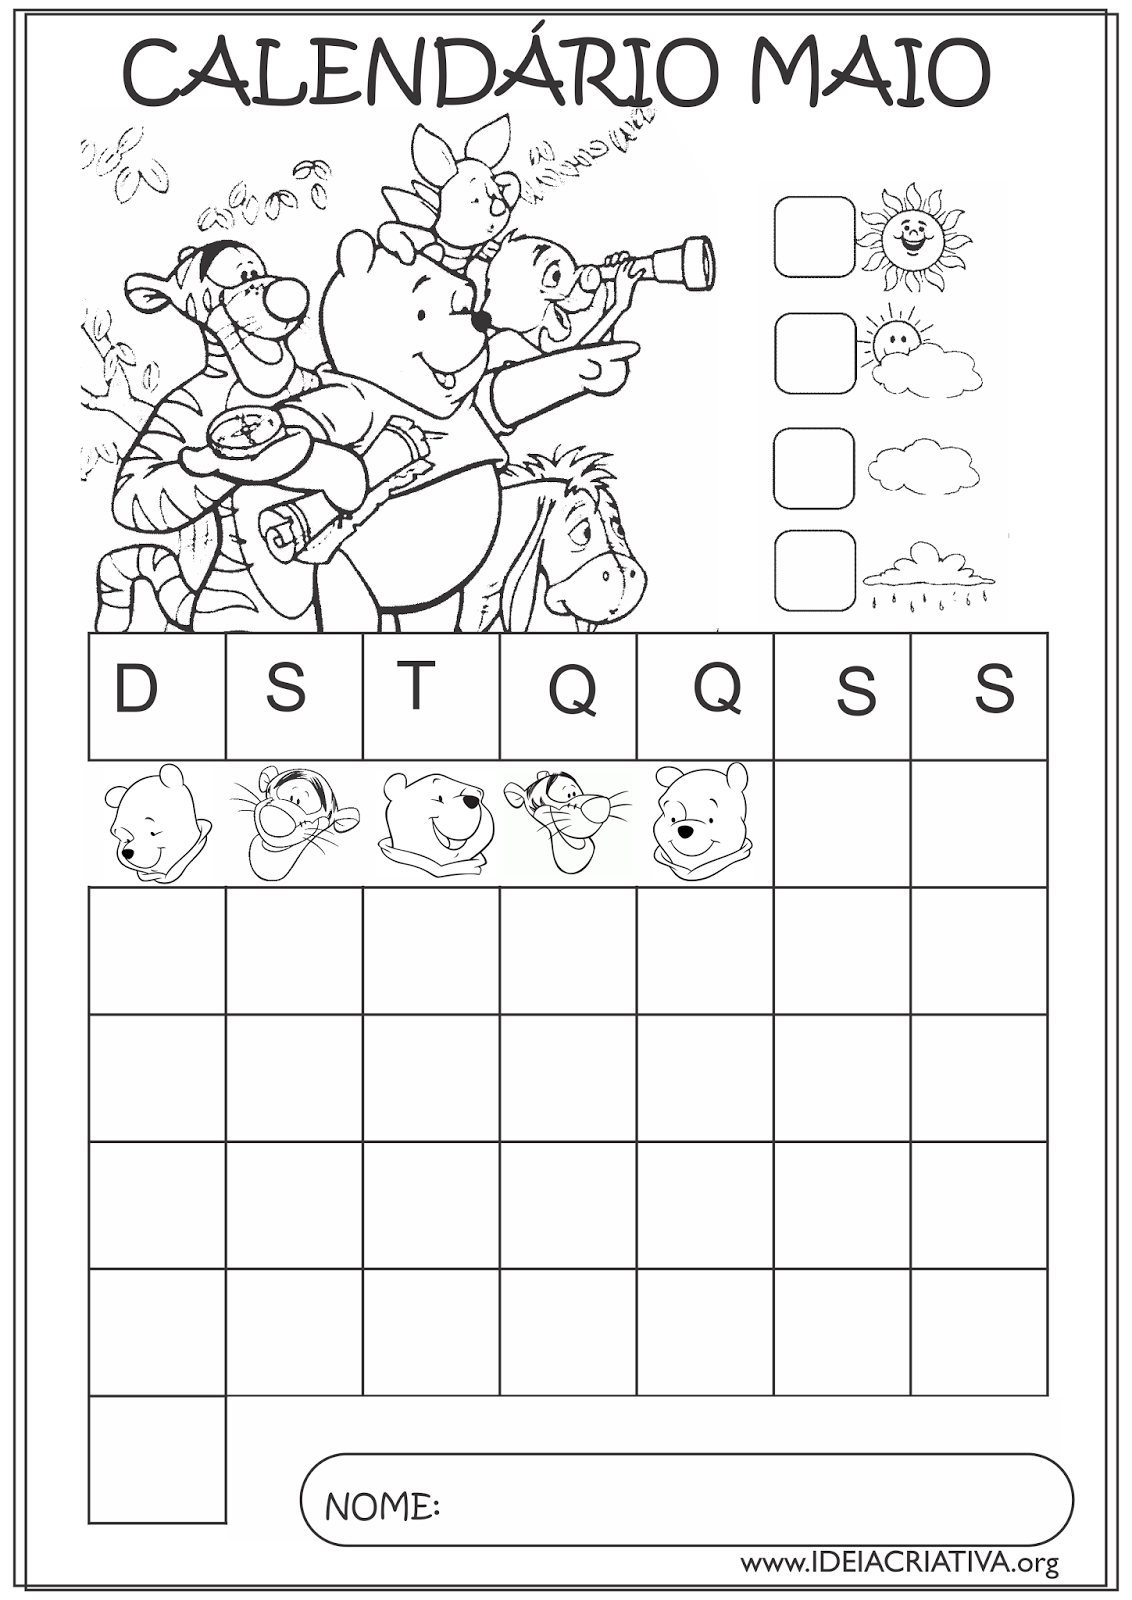 Calendários Maio 2015 Turma do Pooh Educação Infantil